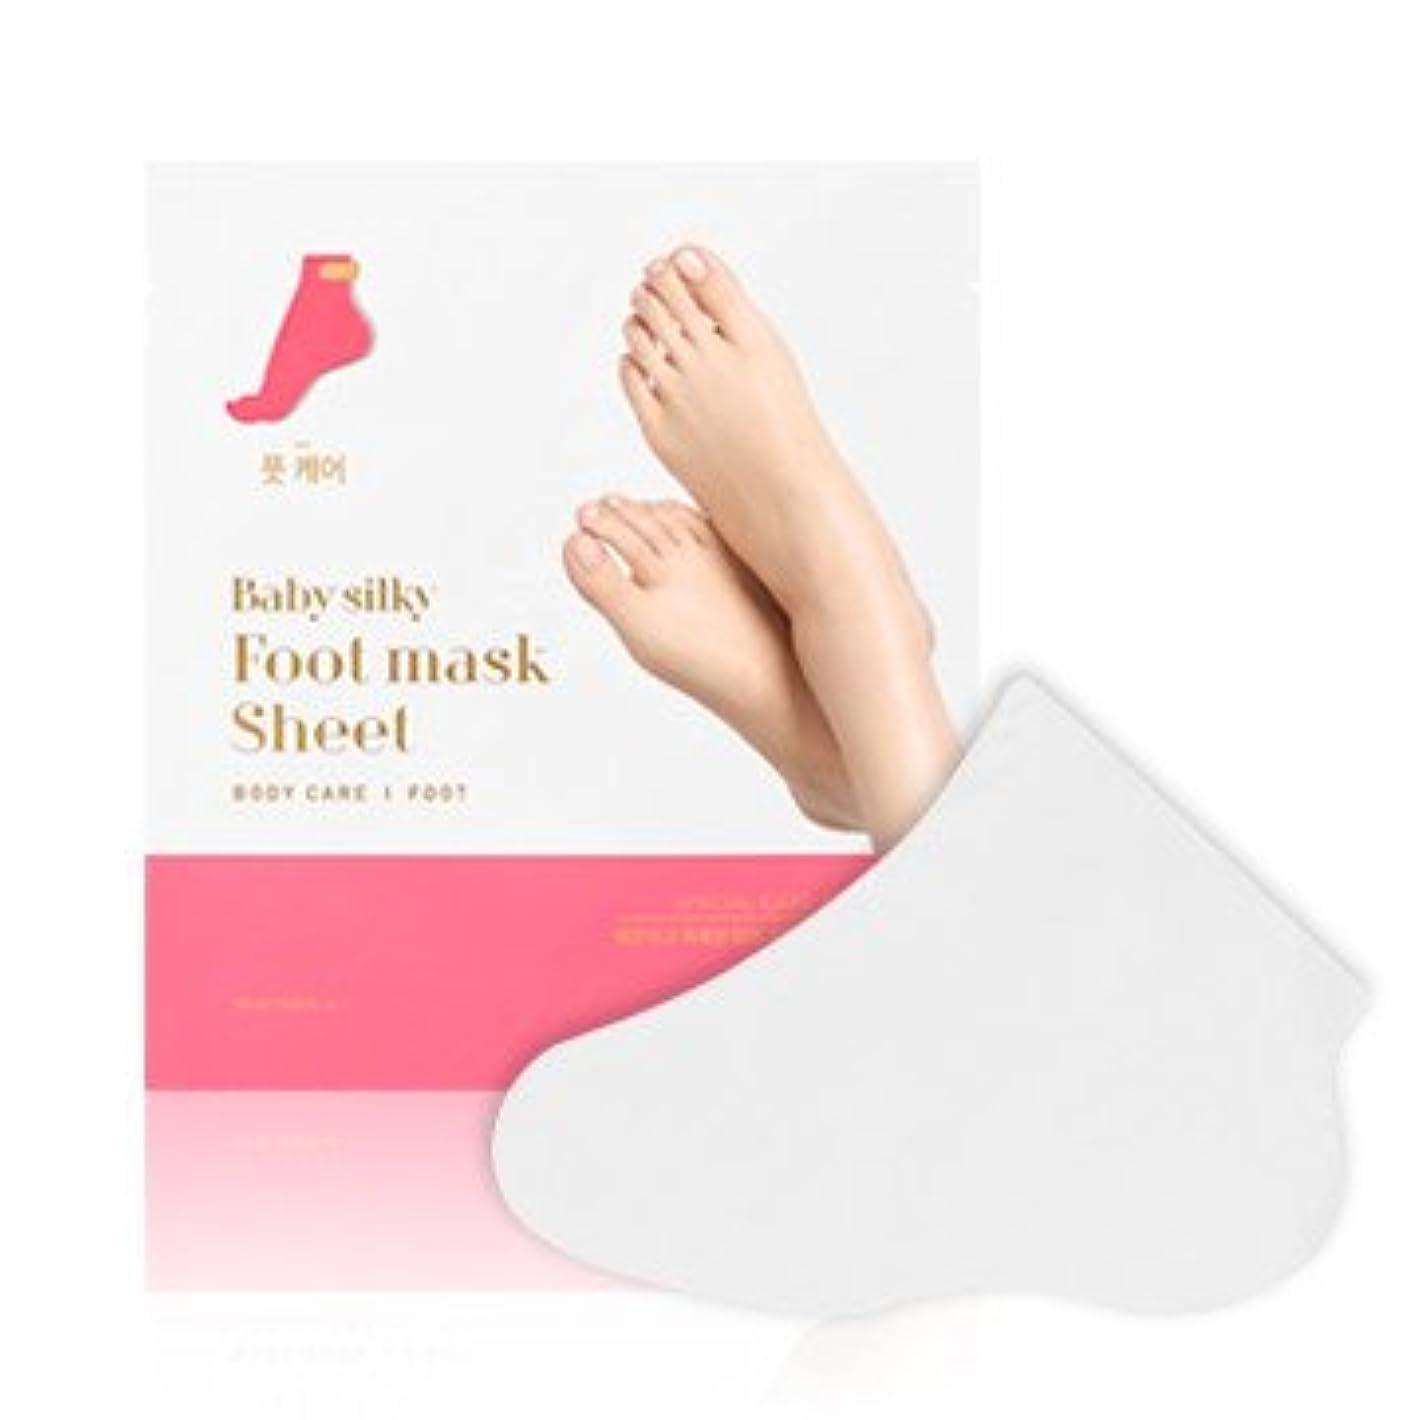 余暇宣伝ペレグリネーション[Holika Holika/ホリカホリカ] ベビーシルキーフット マスクシート ?しっとり?/ Baby Silky Foot Mask Sheet 6EA [並行輸入品] …